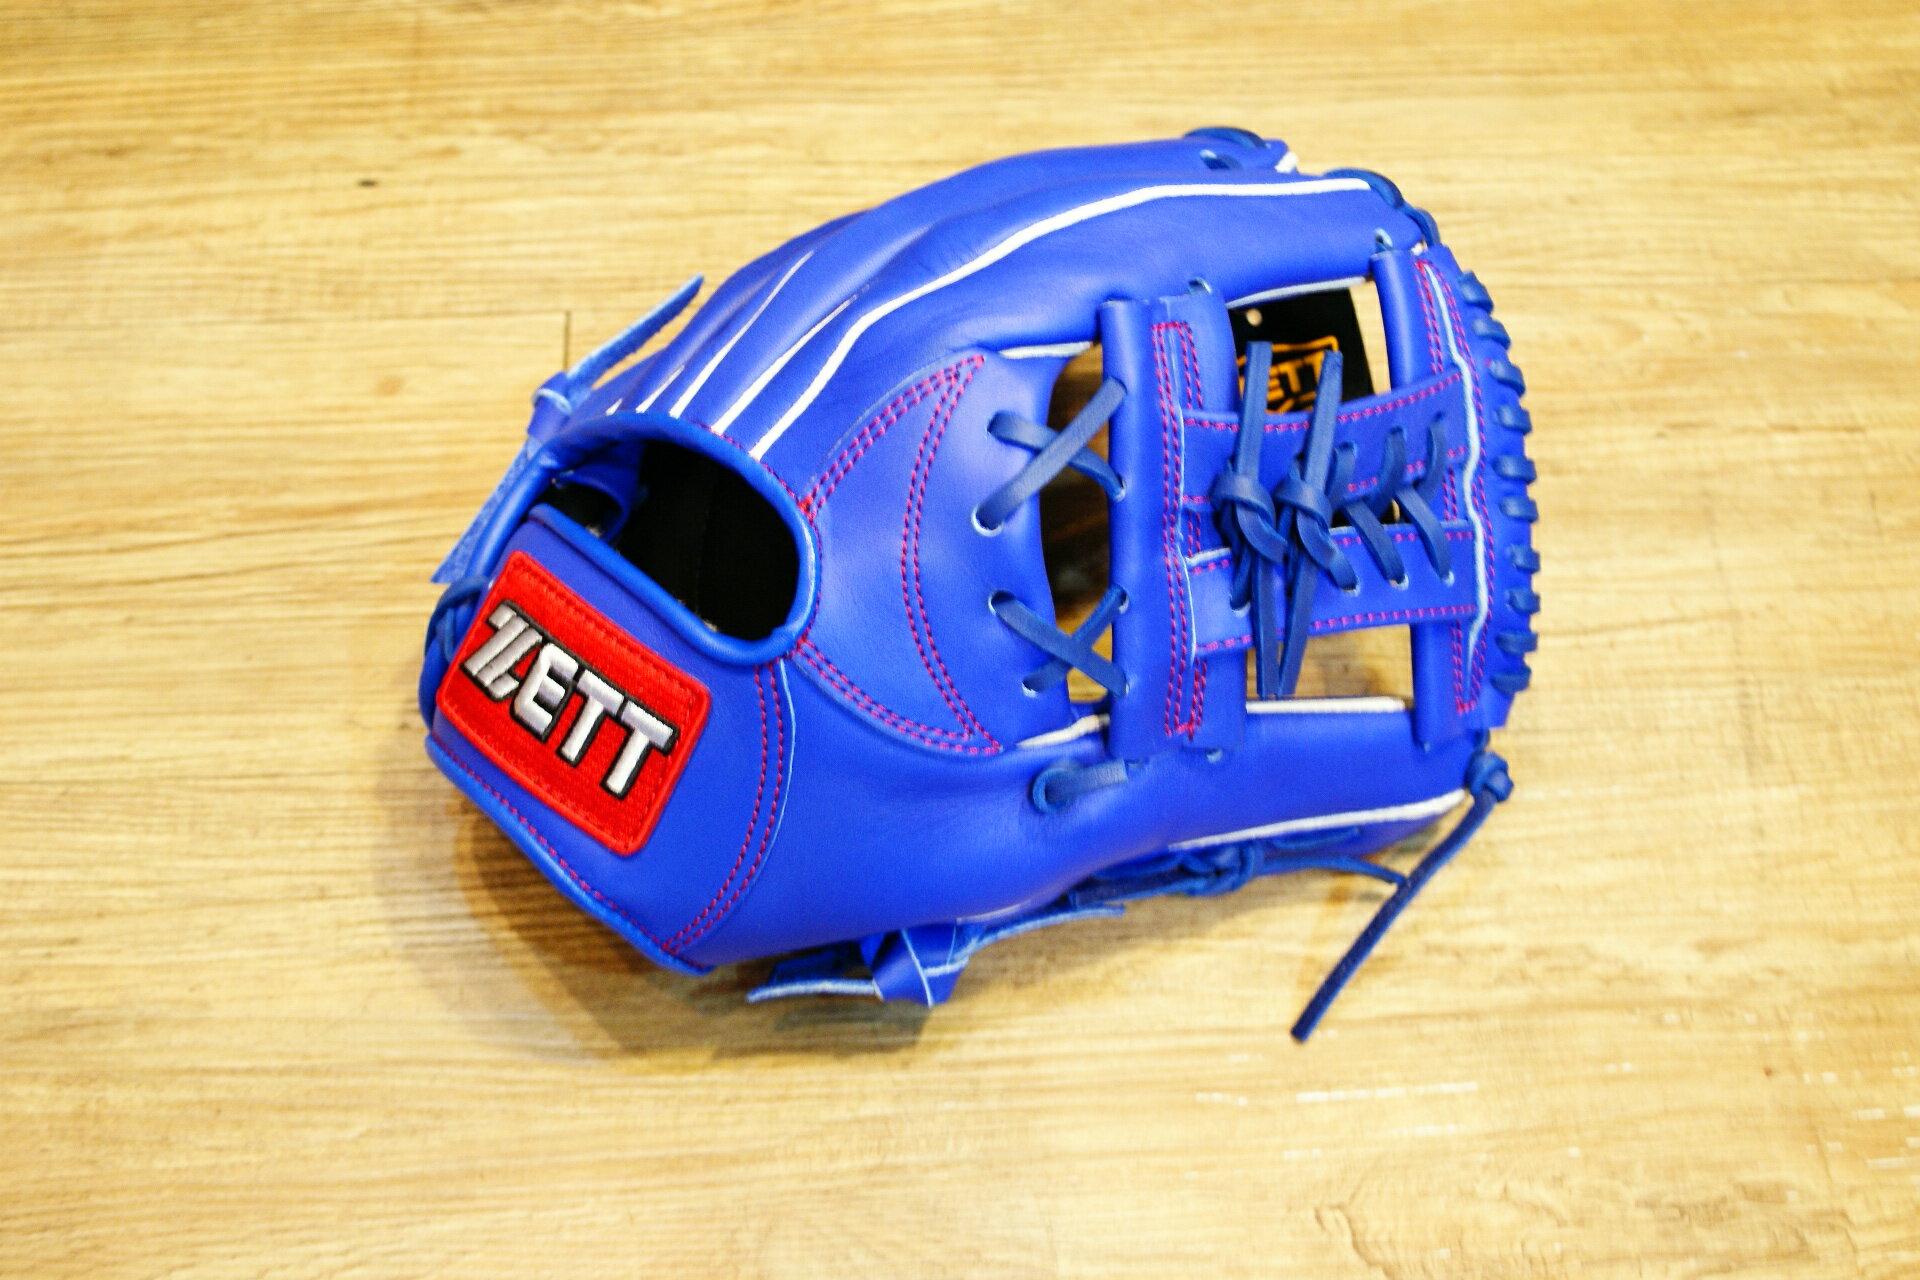 棒球世界 全新ZETT棒壘球內野手牛皮手套 藍色 特價 加送手套袋 8704系列